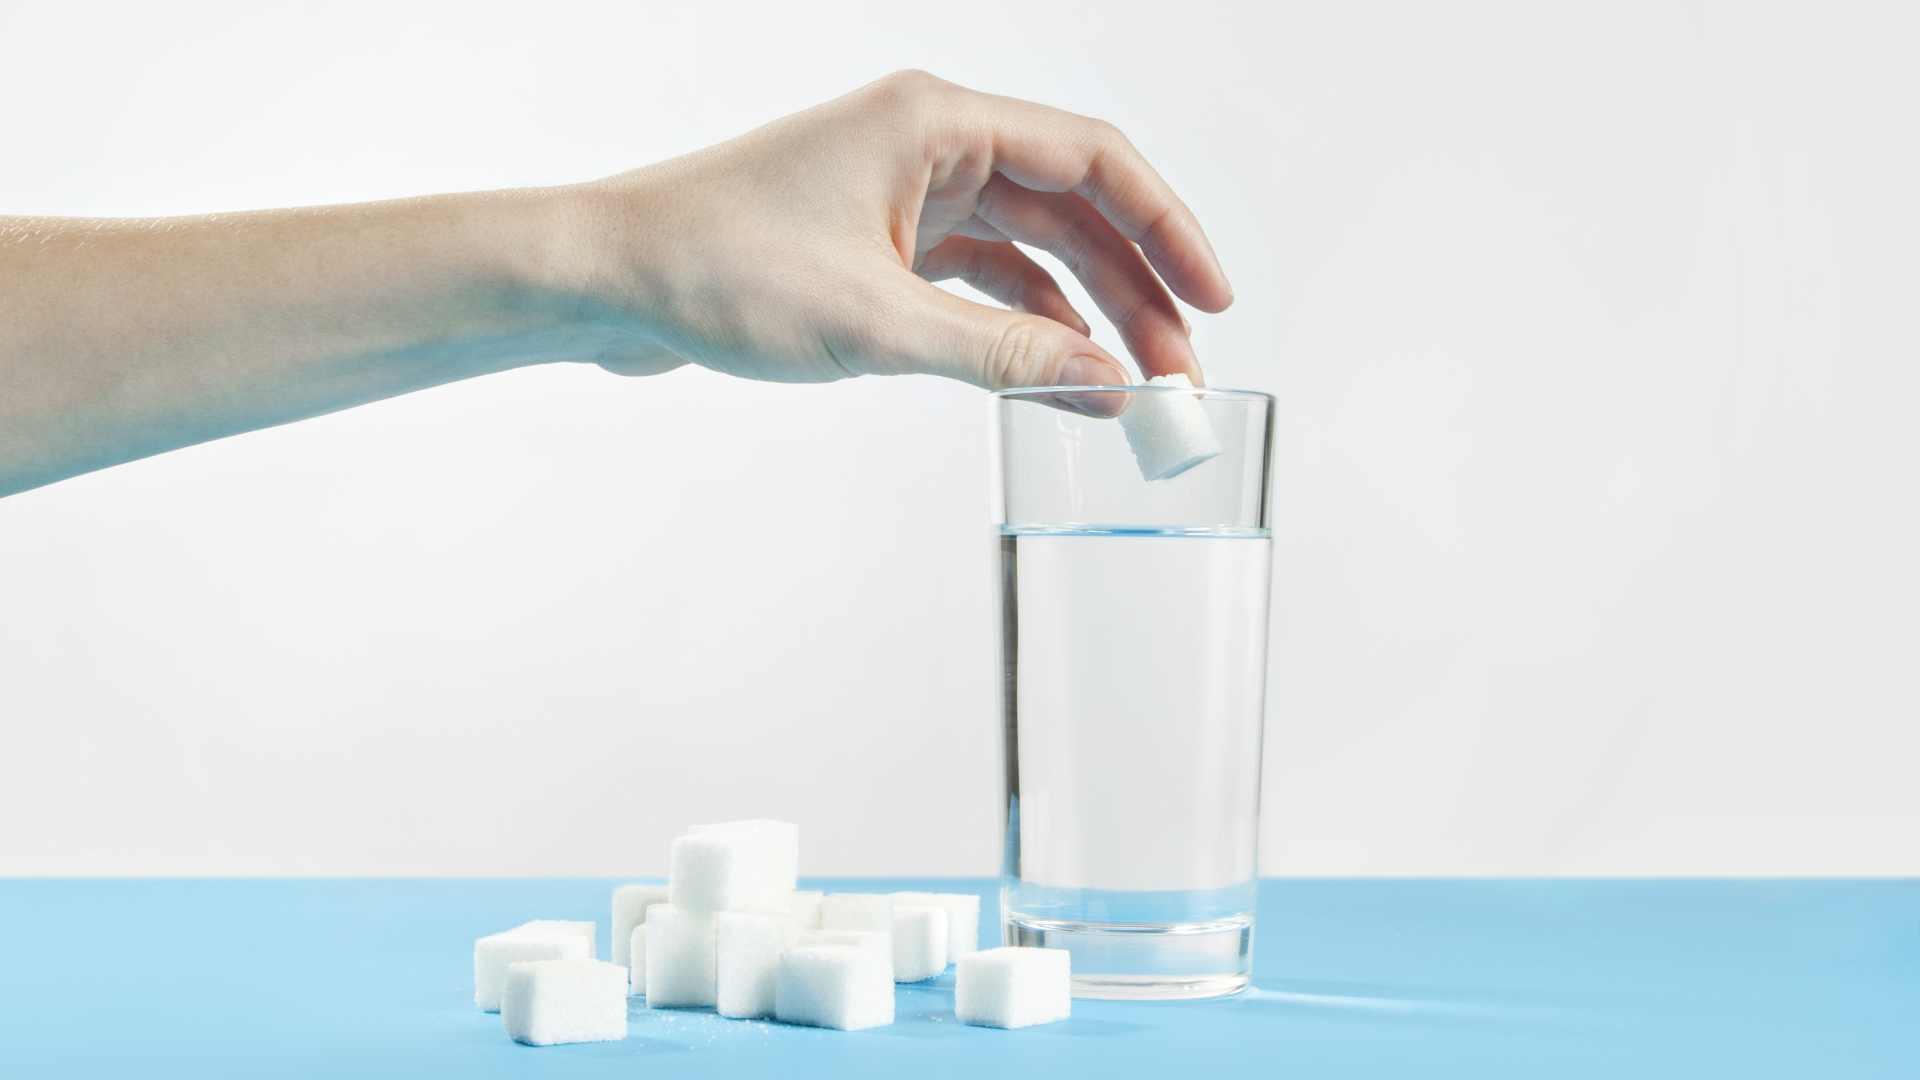 Warum löst sich Zucker in heißem Wasser besser auf als in kaltem Wasser